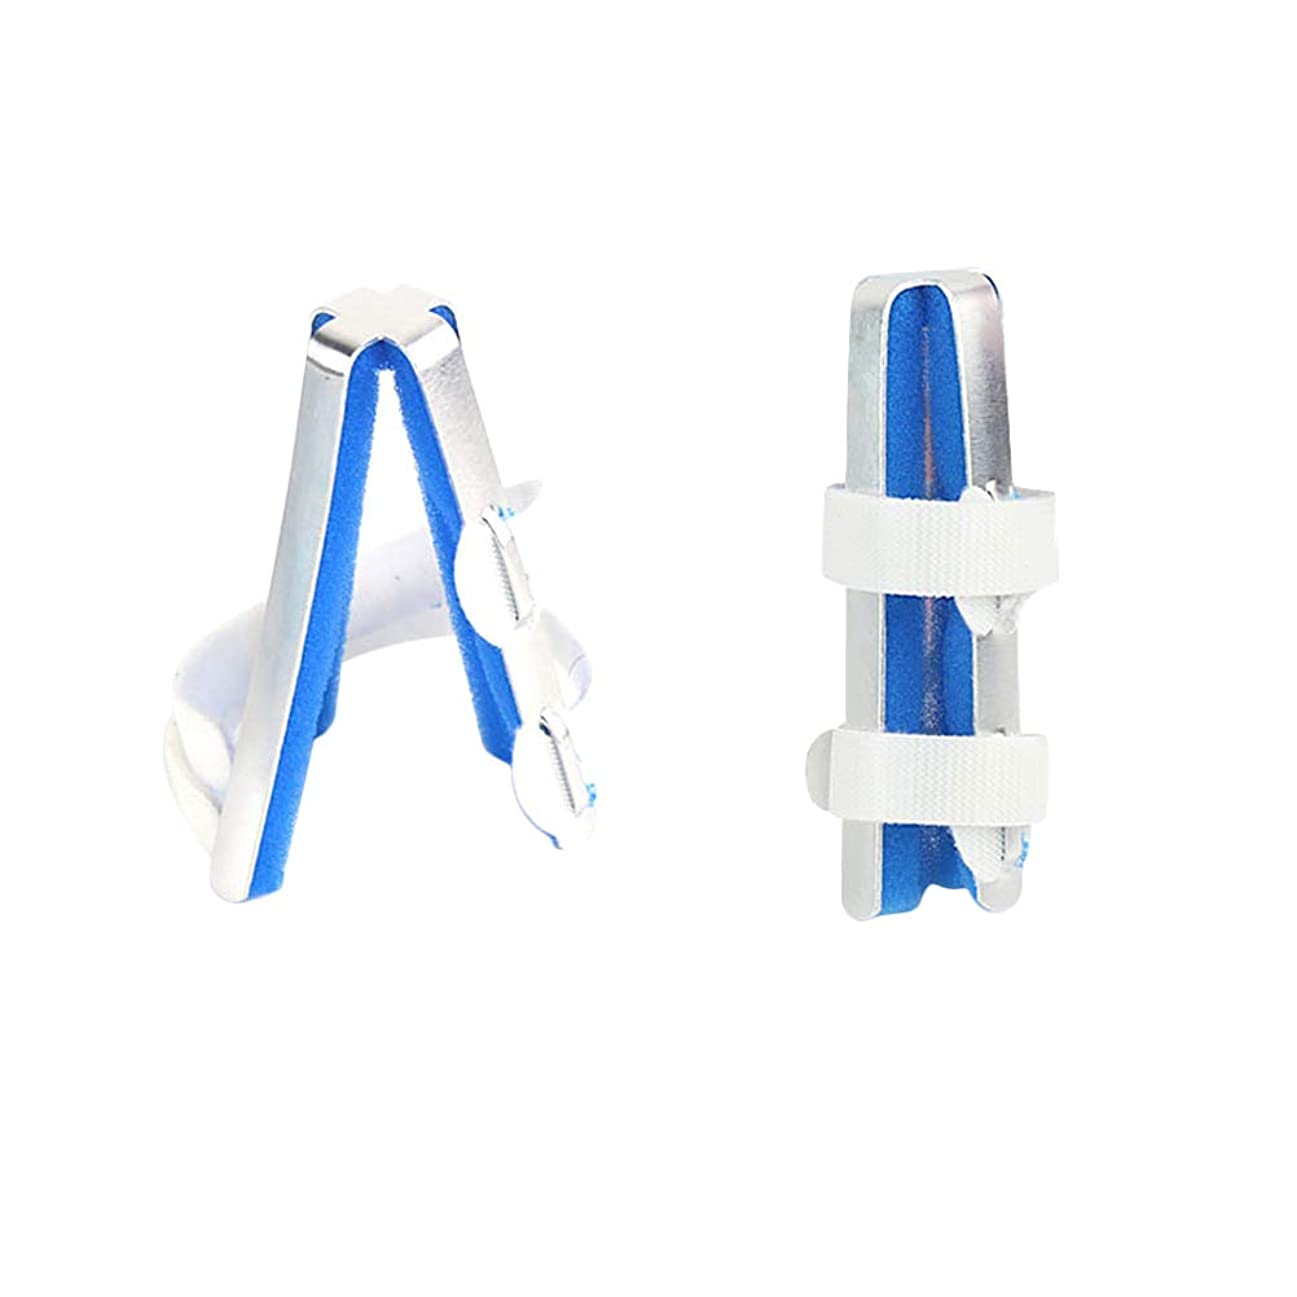 タイプライター離婚送金Healifty 保護具のサイズMをまっすぐにしている指関節補正骨折固定副木